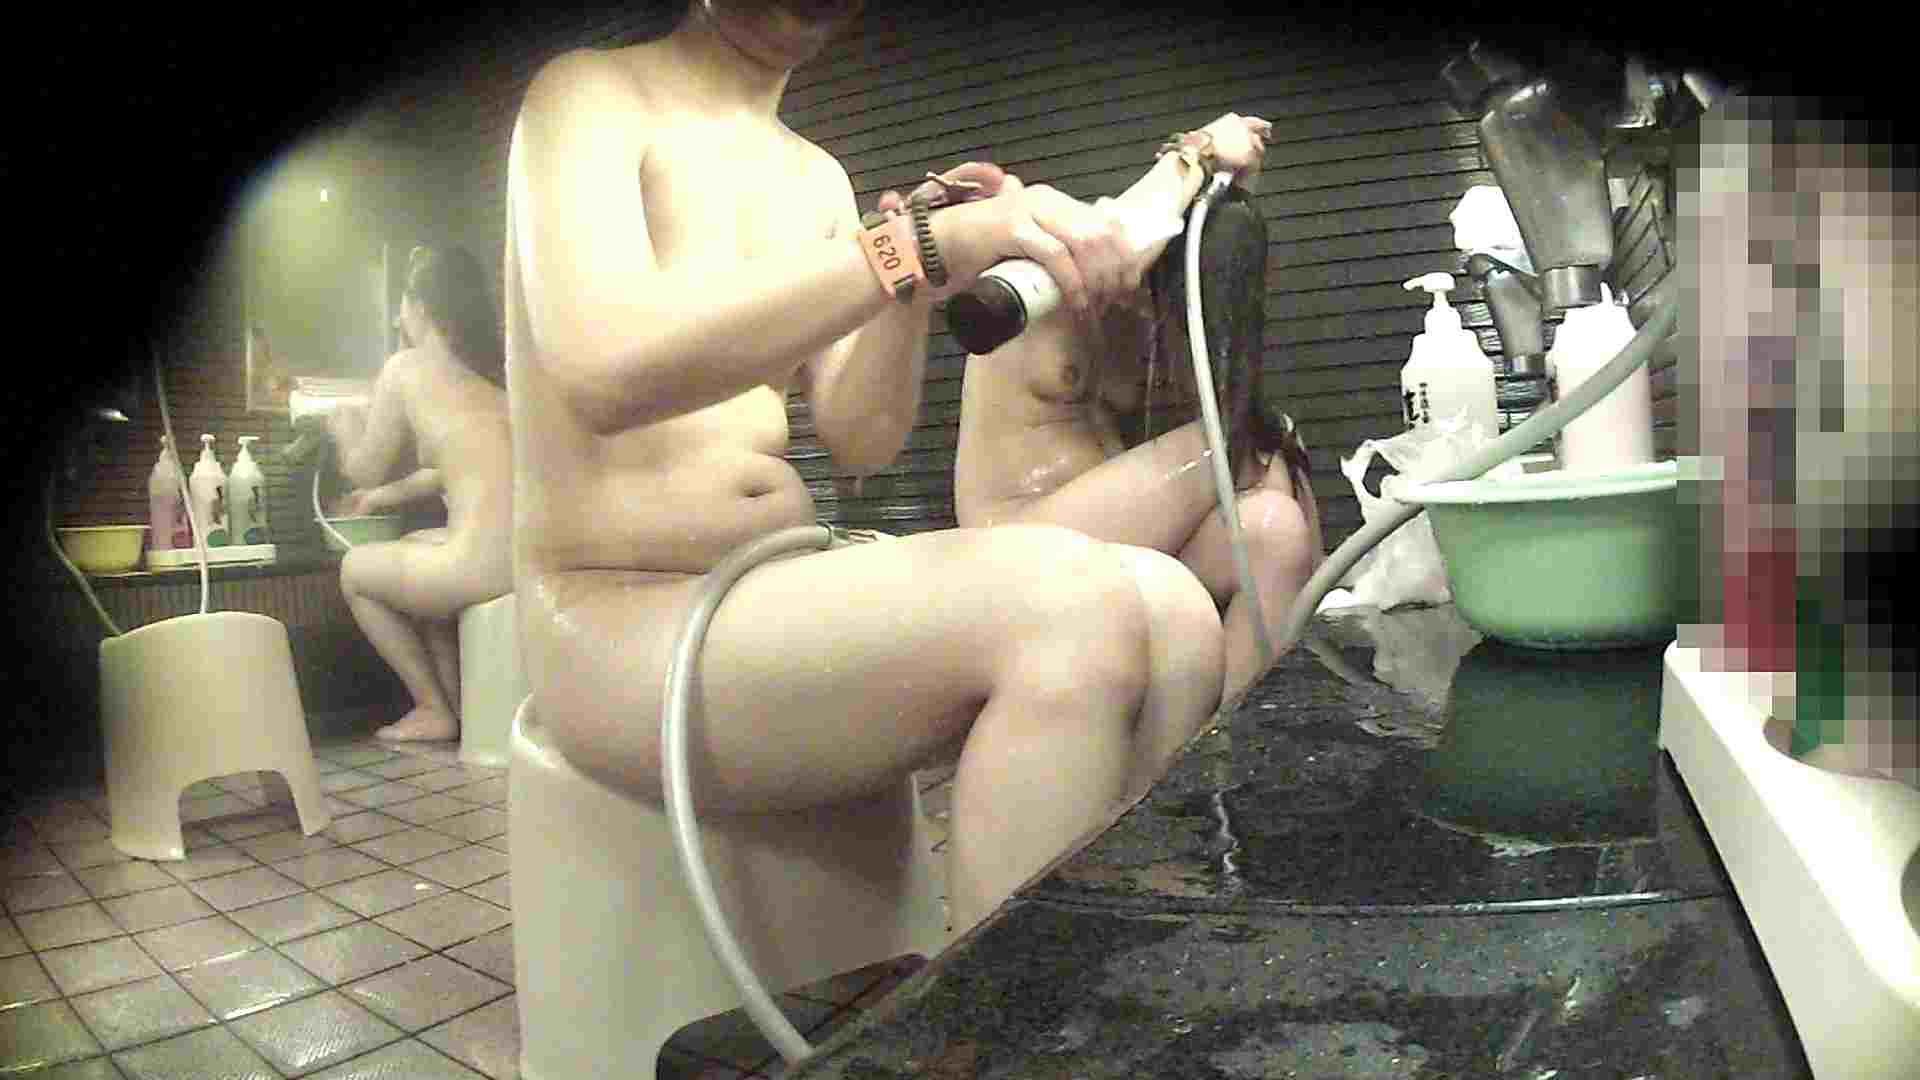 洗い場!何もかもがイマイチと言える2人組 高画質 おまんこ無修正動画無料 87画像 59